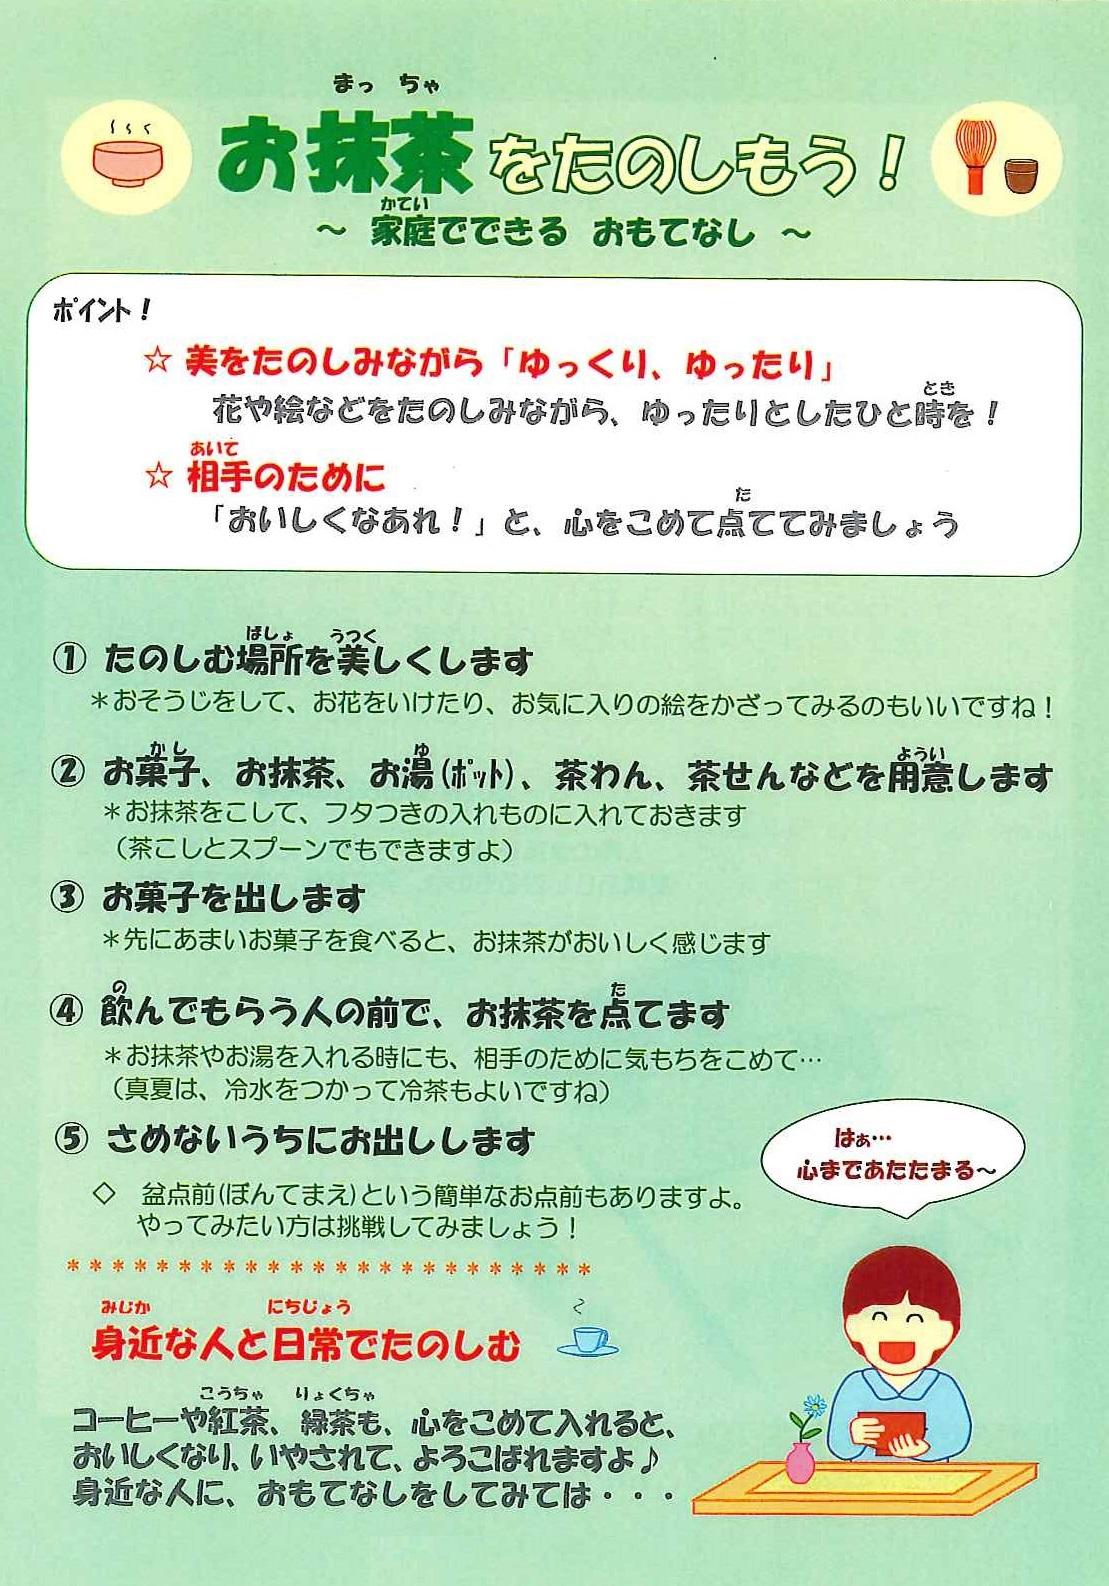 H261010_お茶とお花観賞セミナー概要 (3)